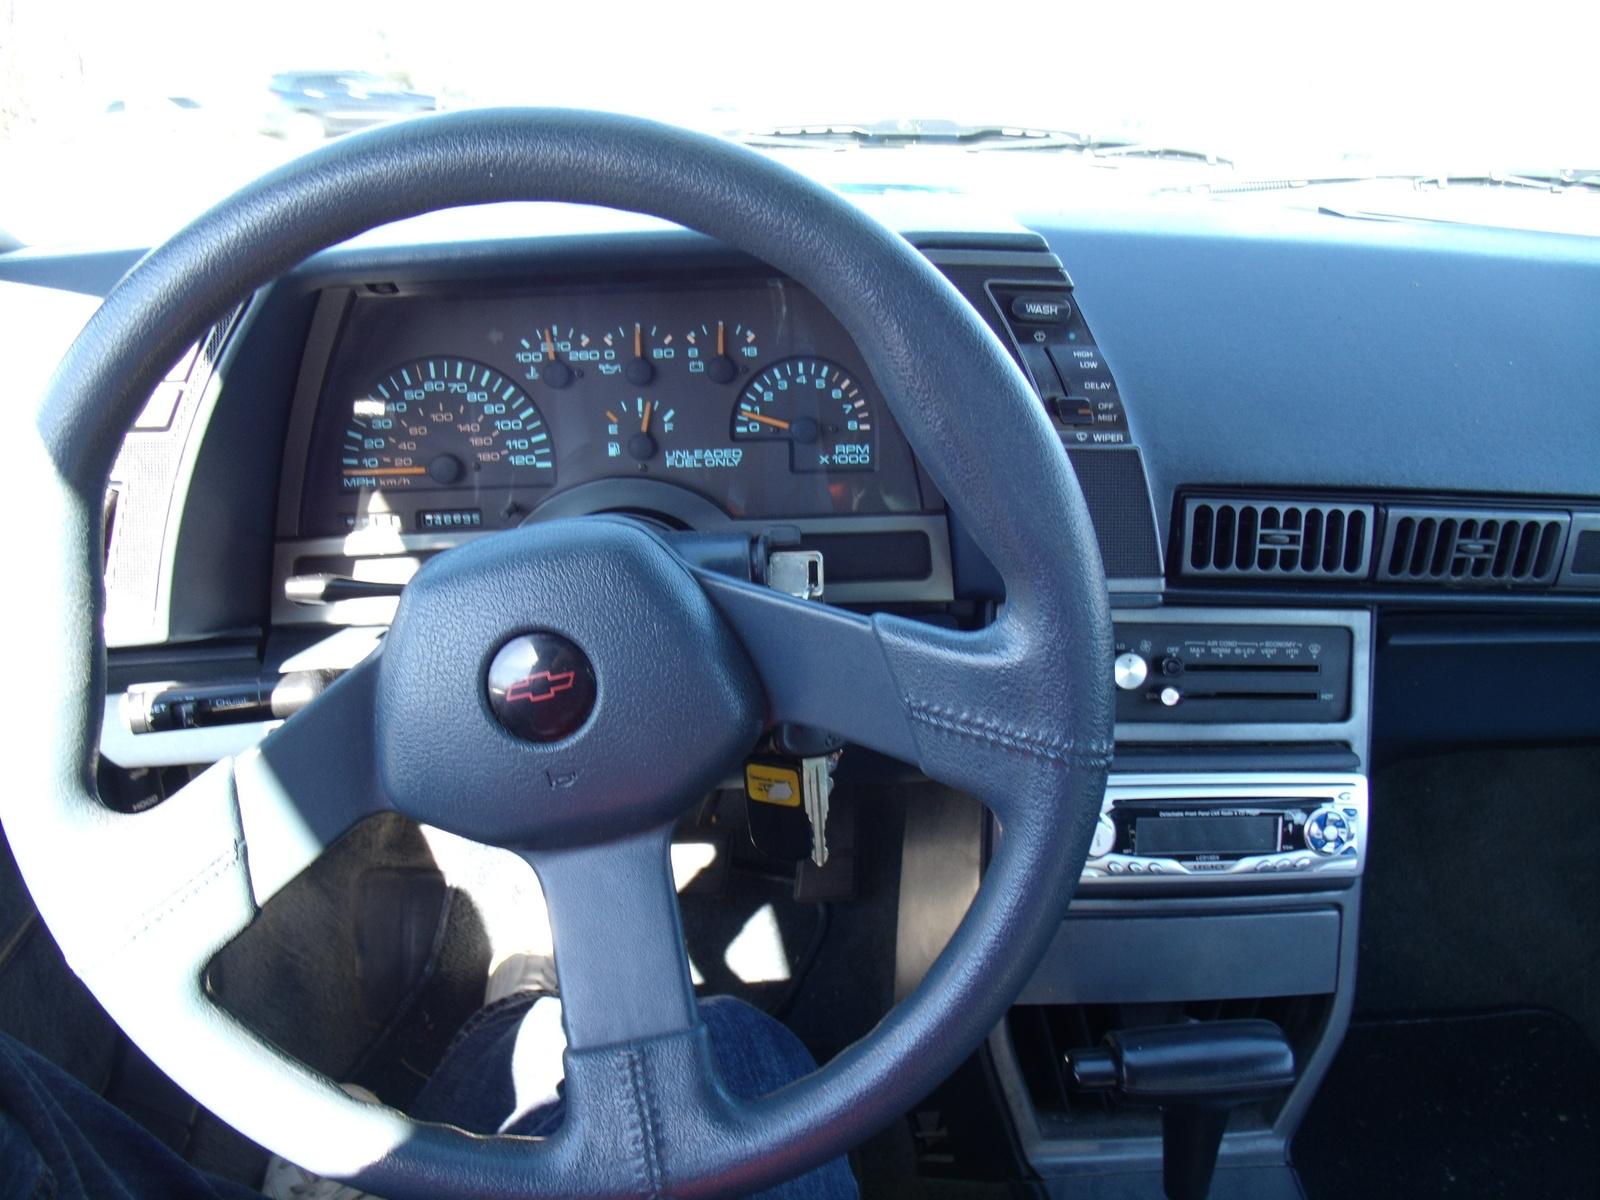 1991 Chevrolet Cavalier - Interior Pictures - CarGurus